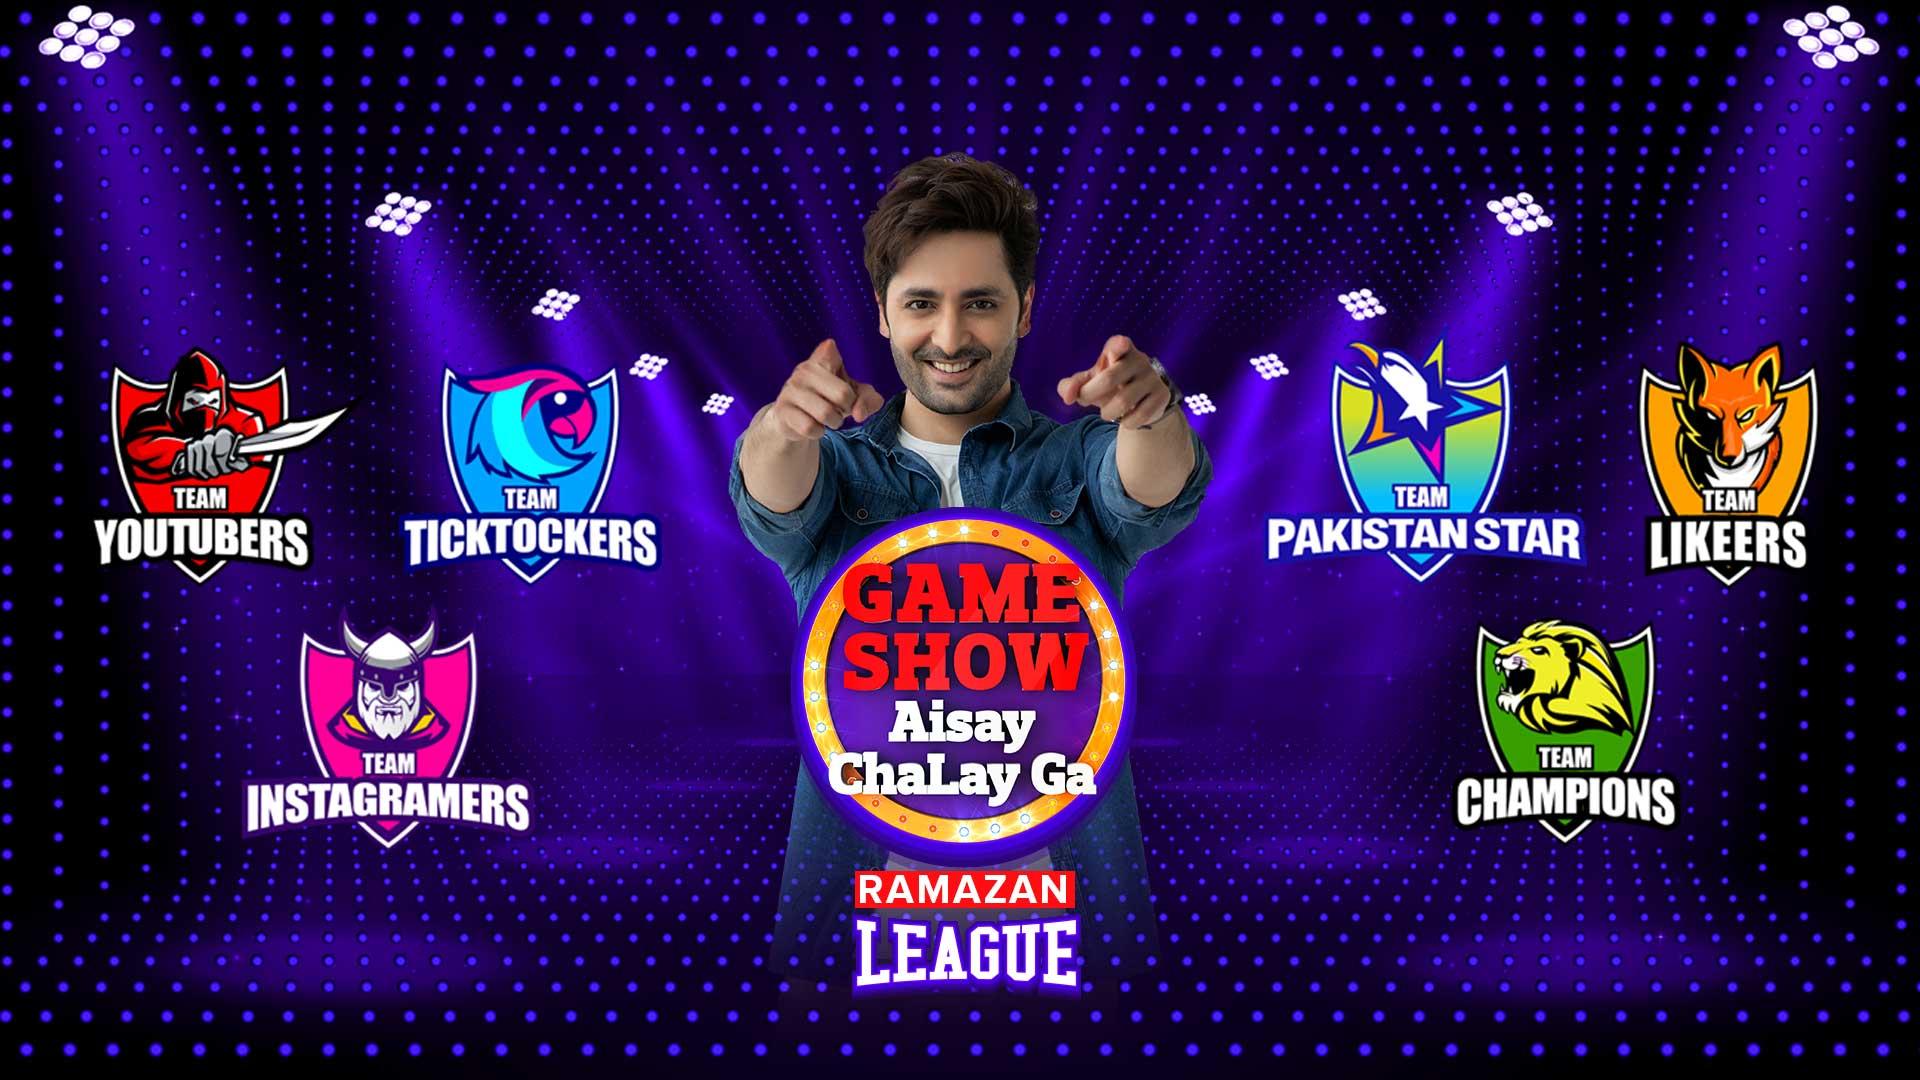 Game Show Aisay Chalay Ga Ramazan League